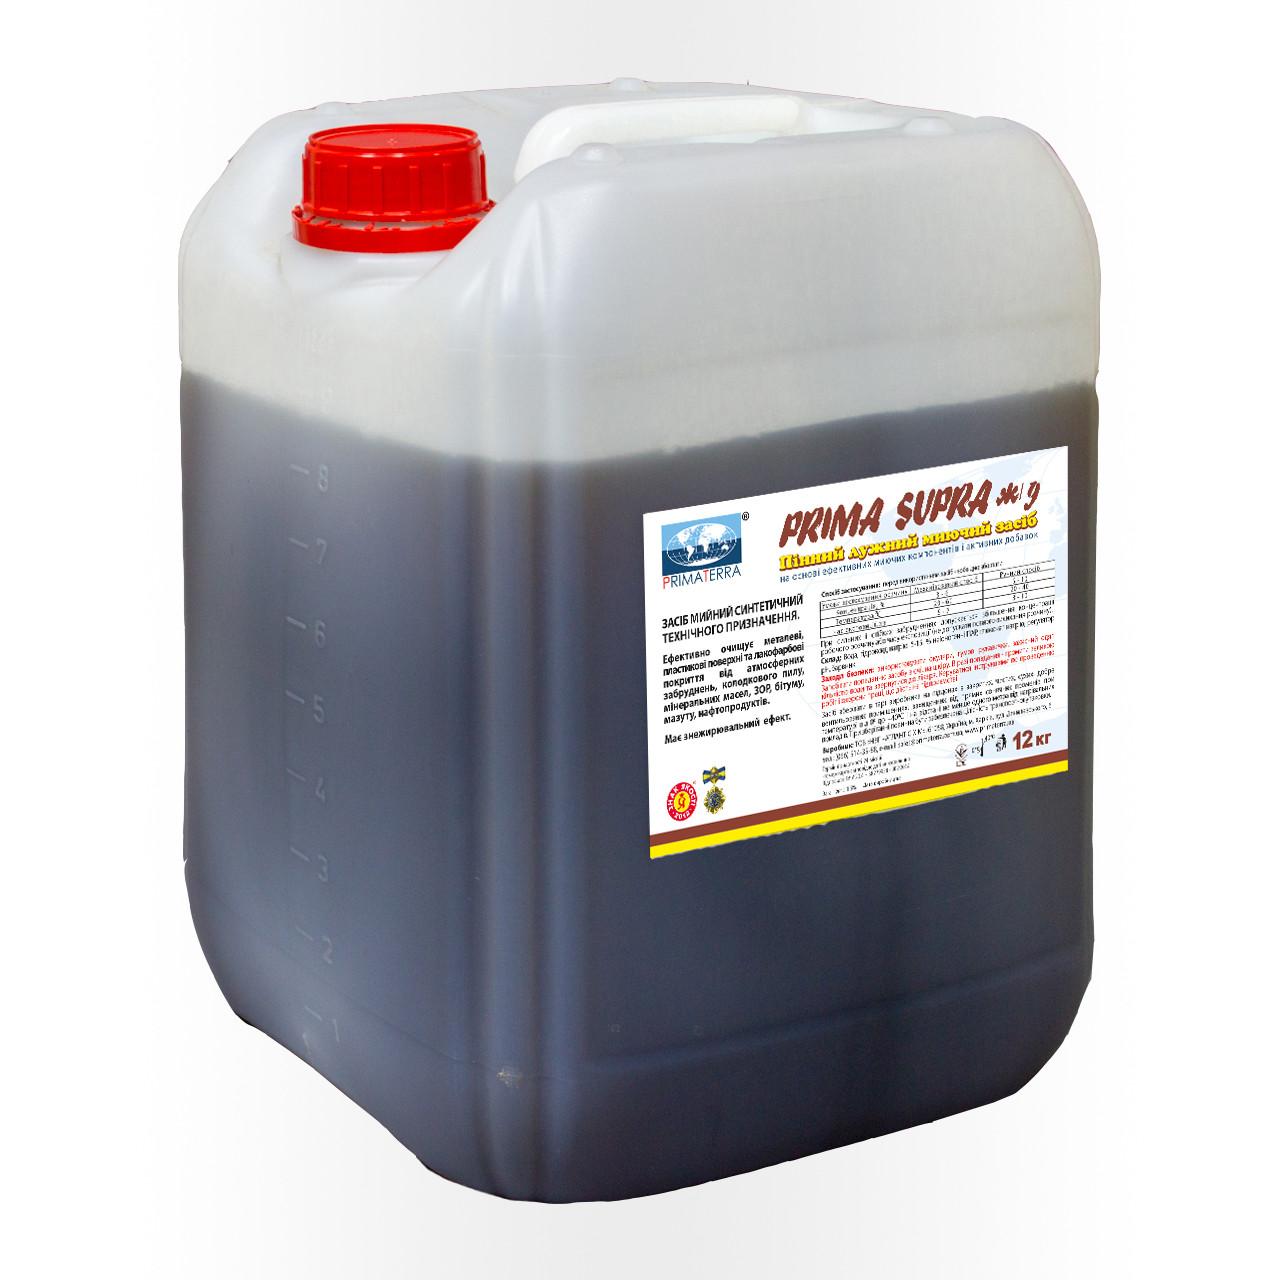 Концентрат для удаления мазут и масляных загрязнений SUPRA жд (12кг)